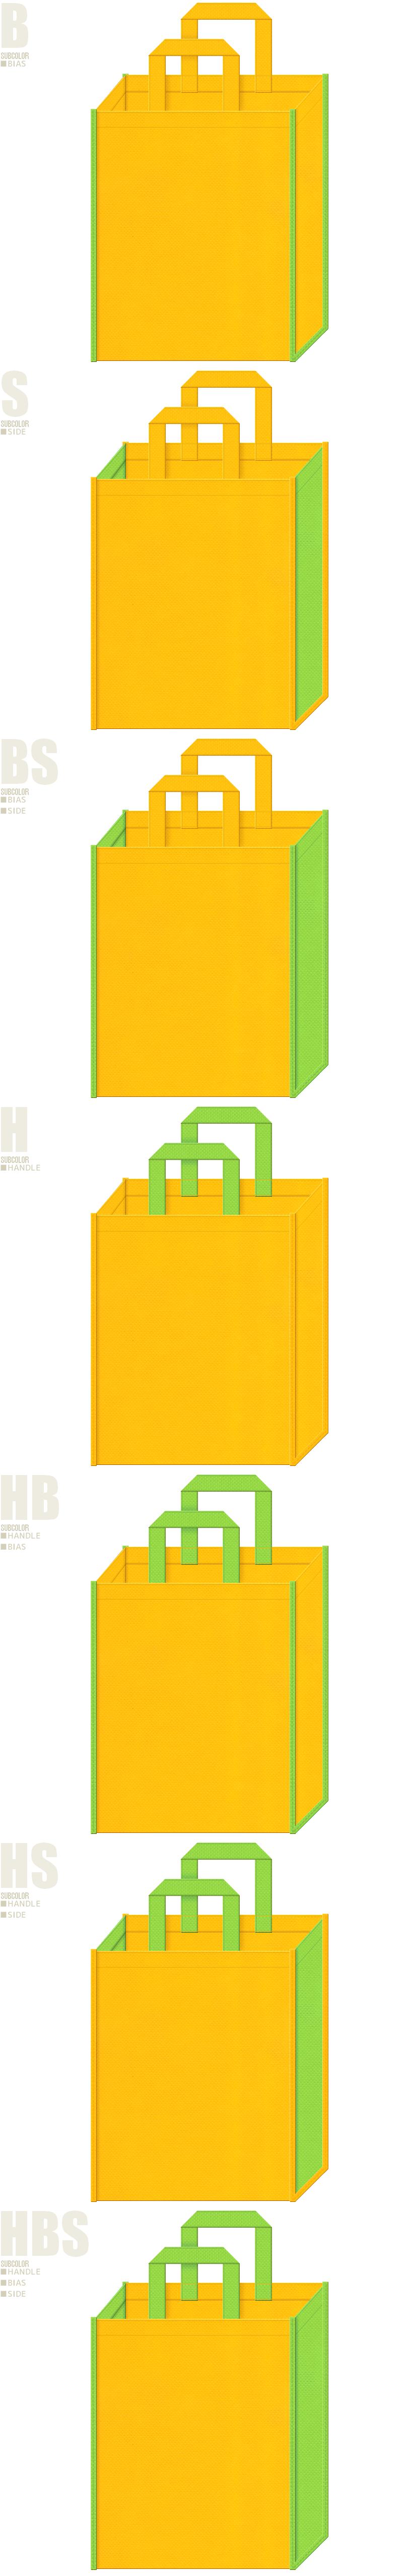 黄色と黄緑色、7パターンの不織布バッグデザイン。菜の花のイメージにお奨めの配色です。